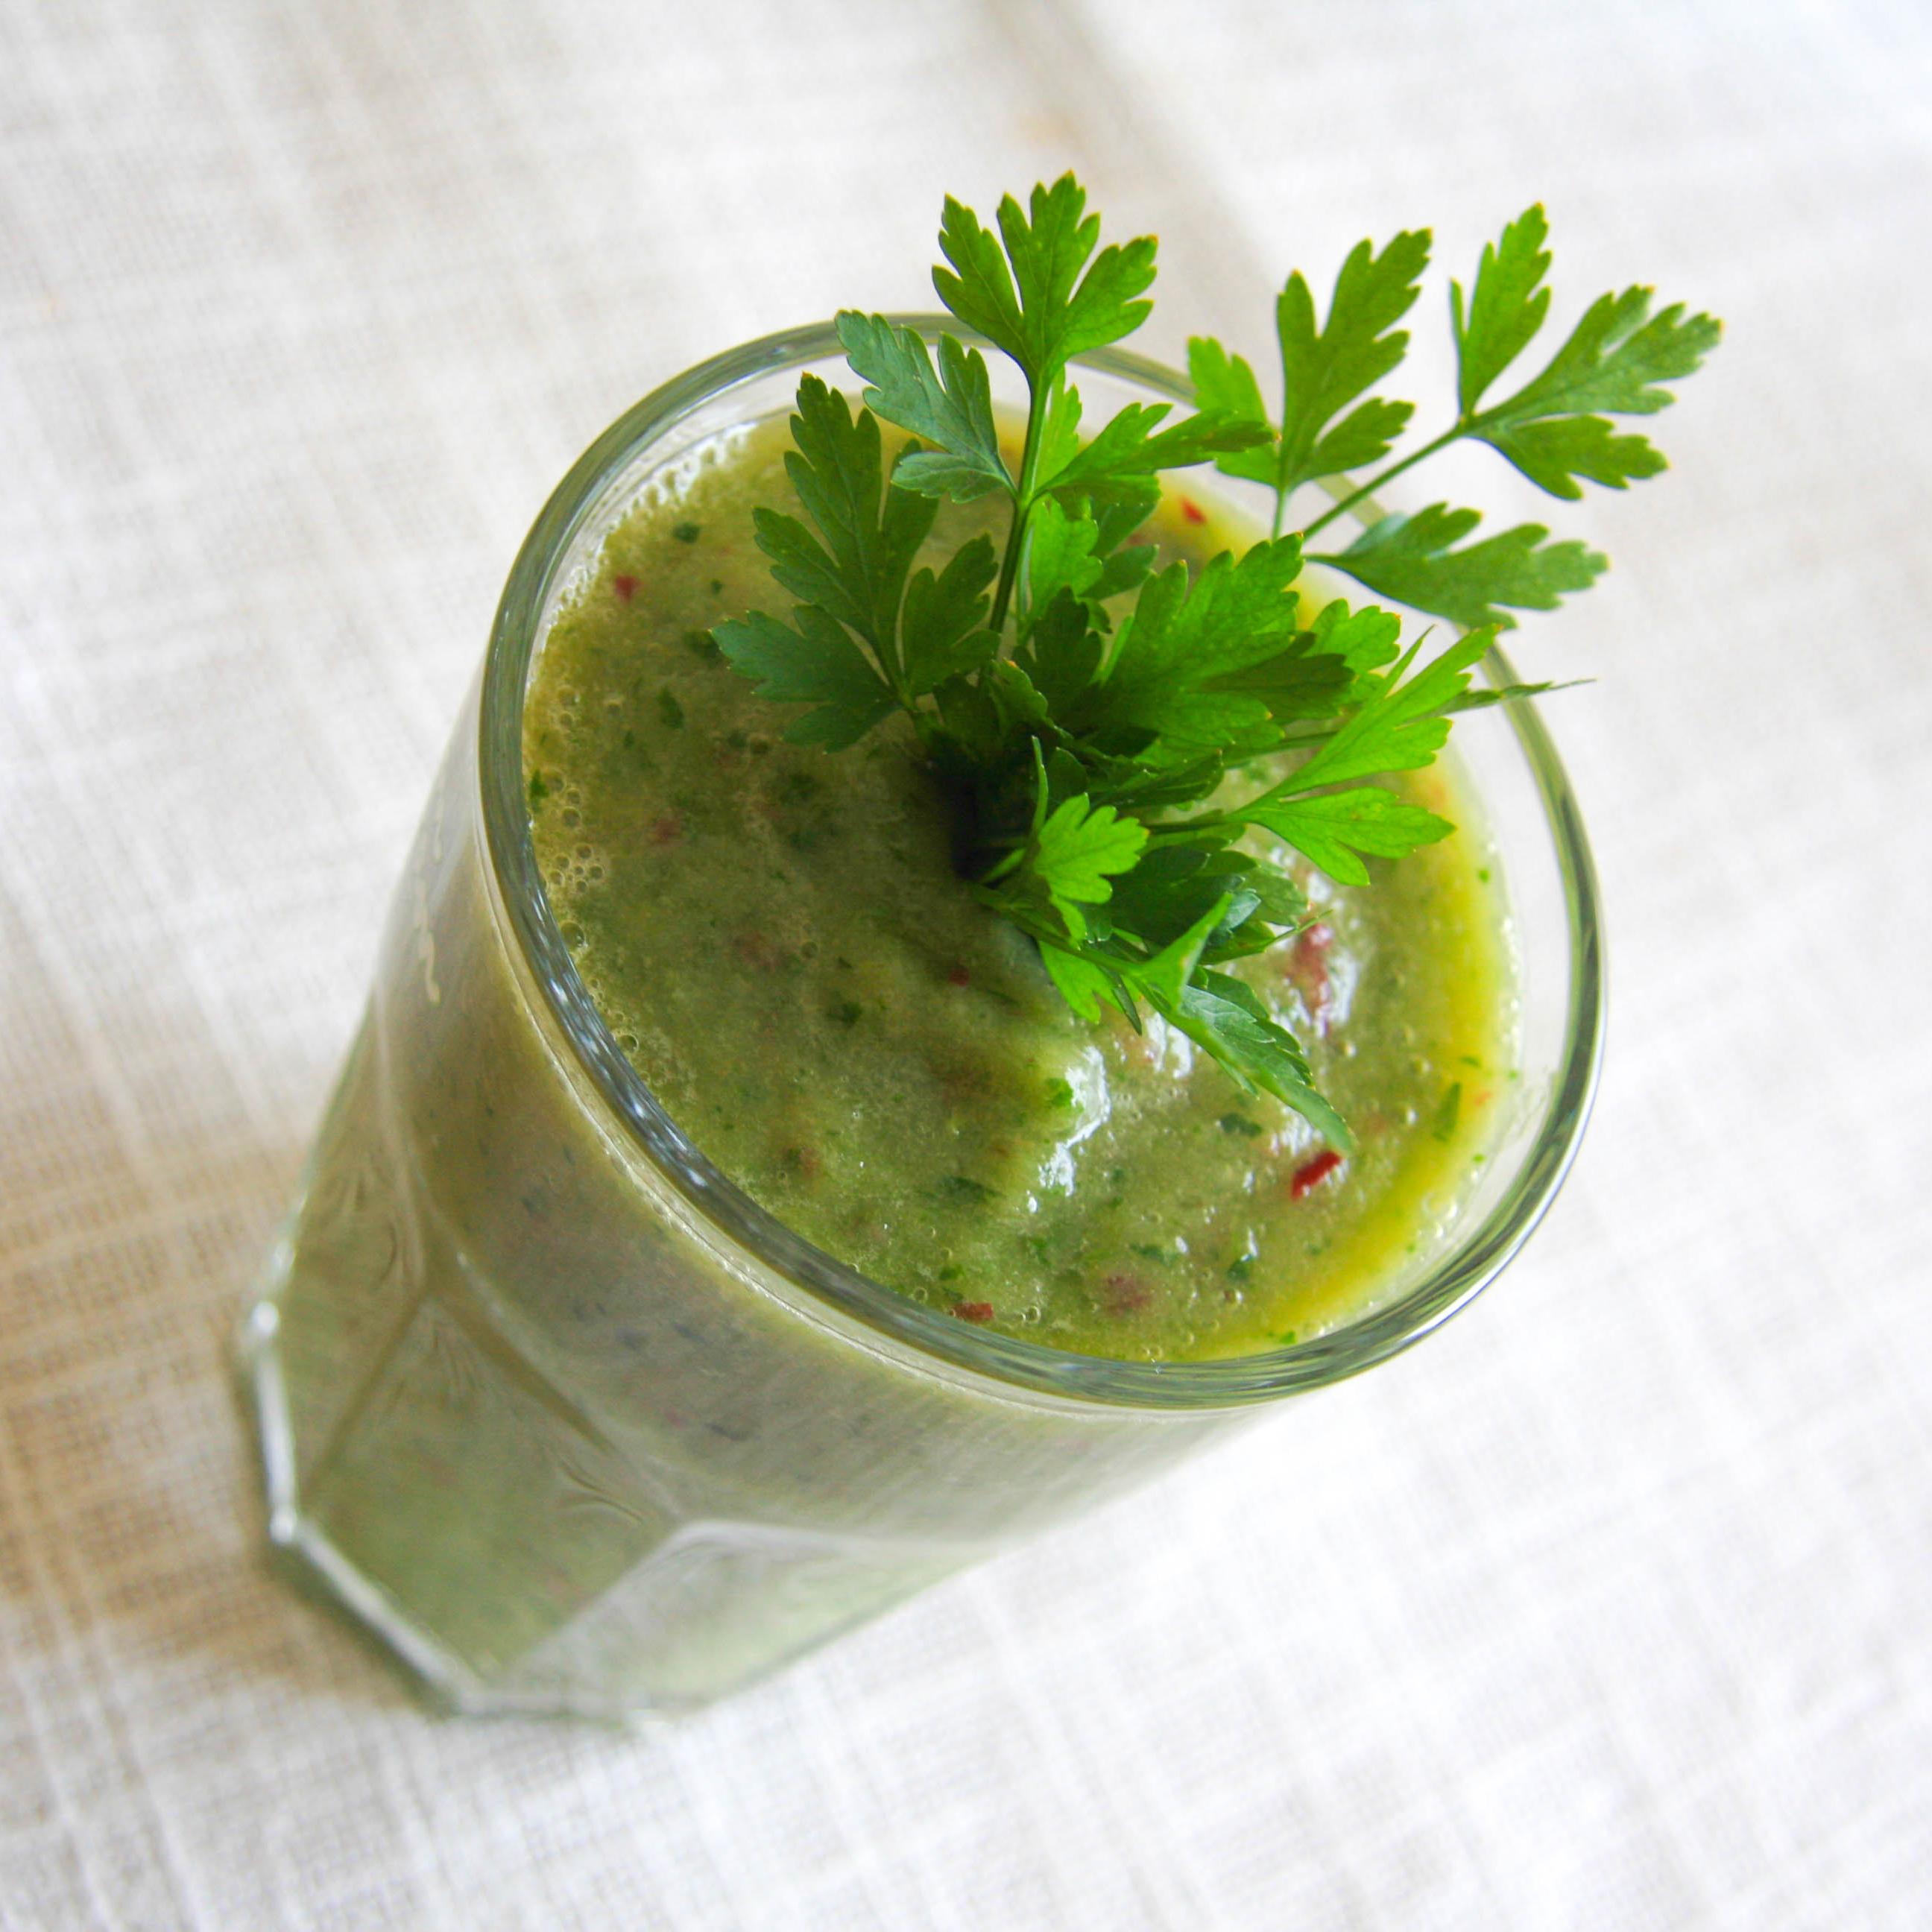 koktajl zielony kw